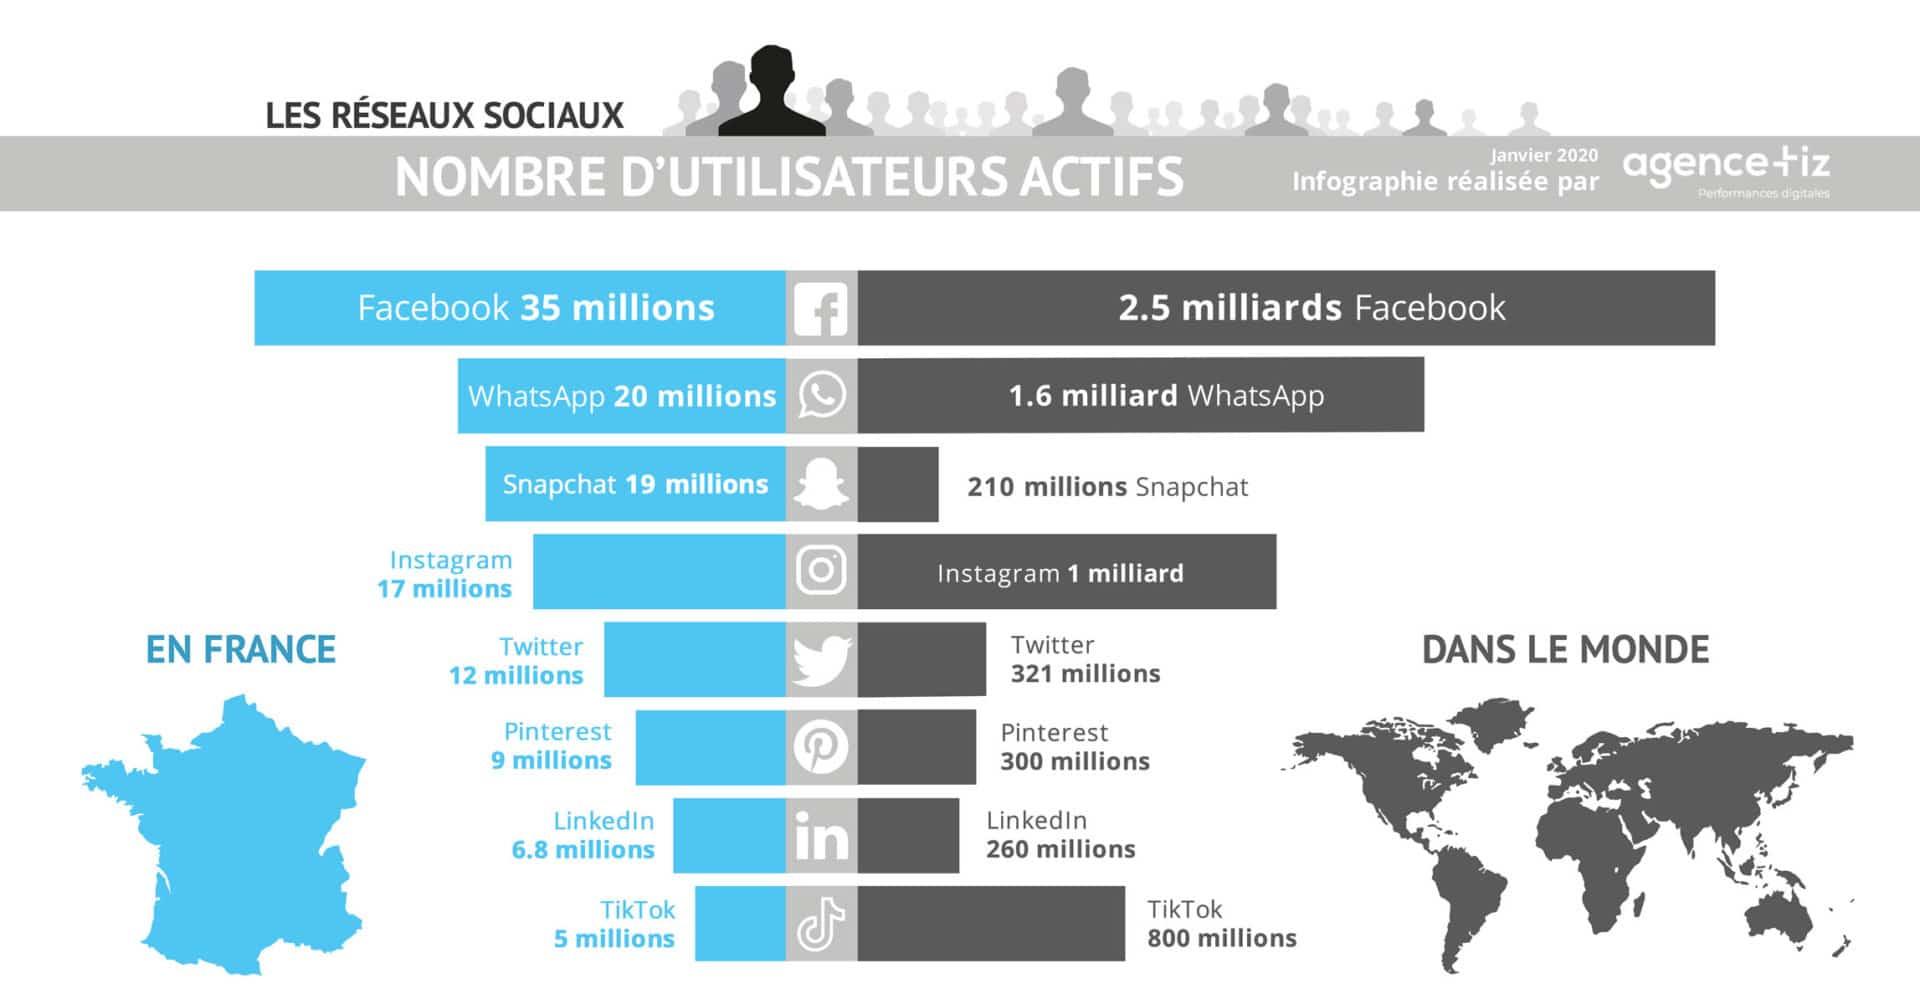 Infographie nombre d'utilisateurs des réseaux sociaux en France et dans le monde